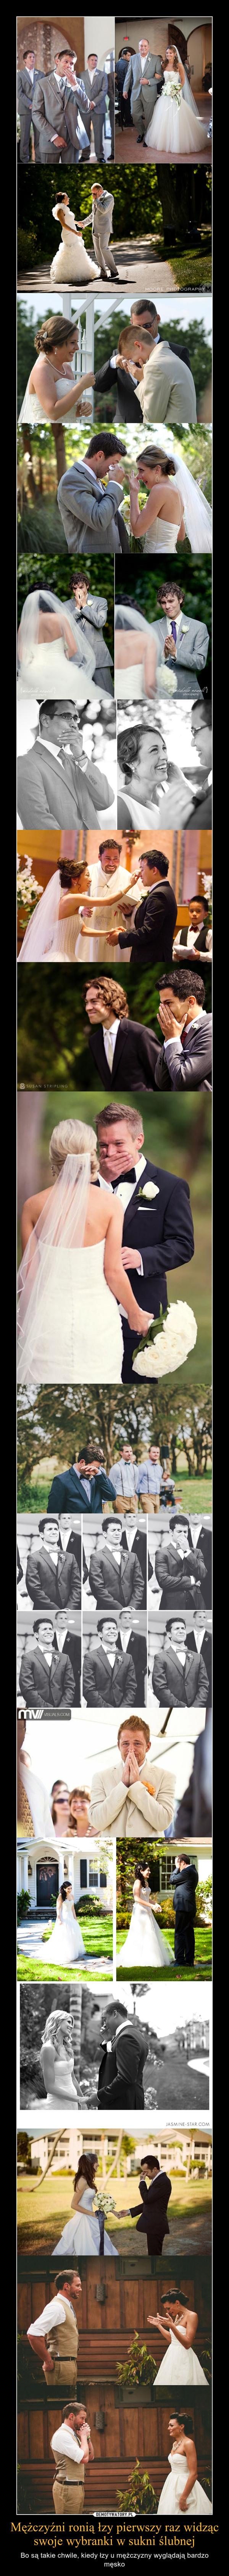 Mężczyźni ronią łzy pierwszy raz widząc swoje wybranki w sukni ślubnej – Bo są takie chwile, kiedy łzy u mężczyzny wyglądają bardzo męsko